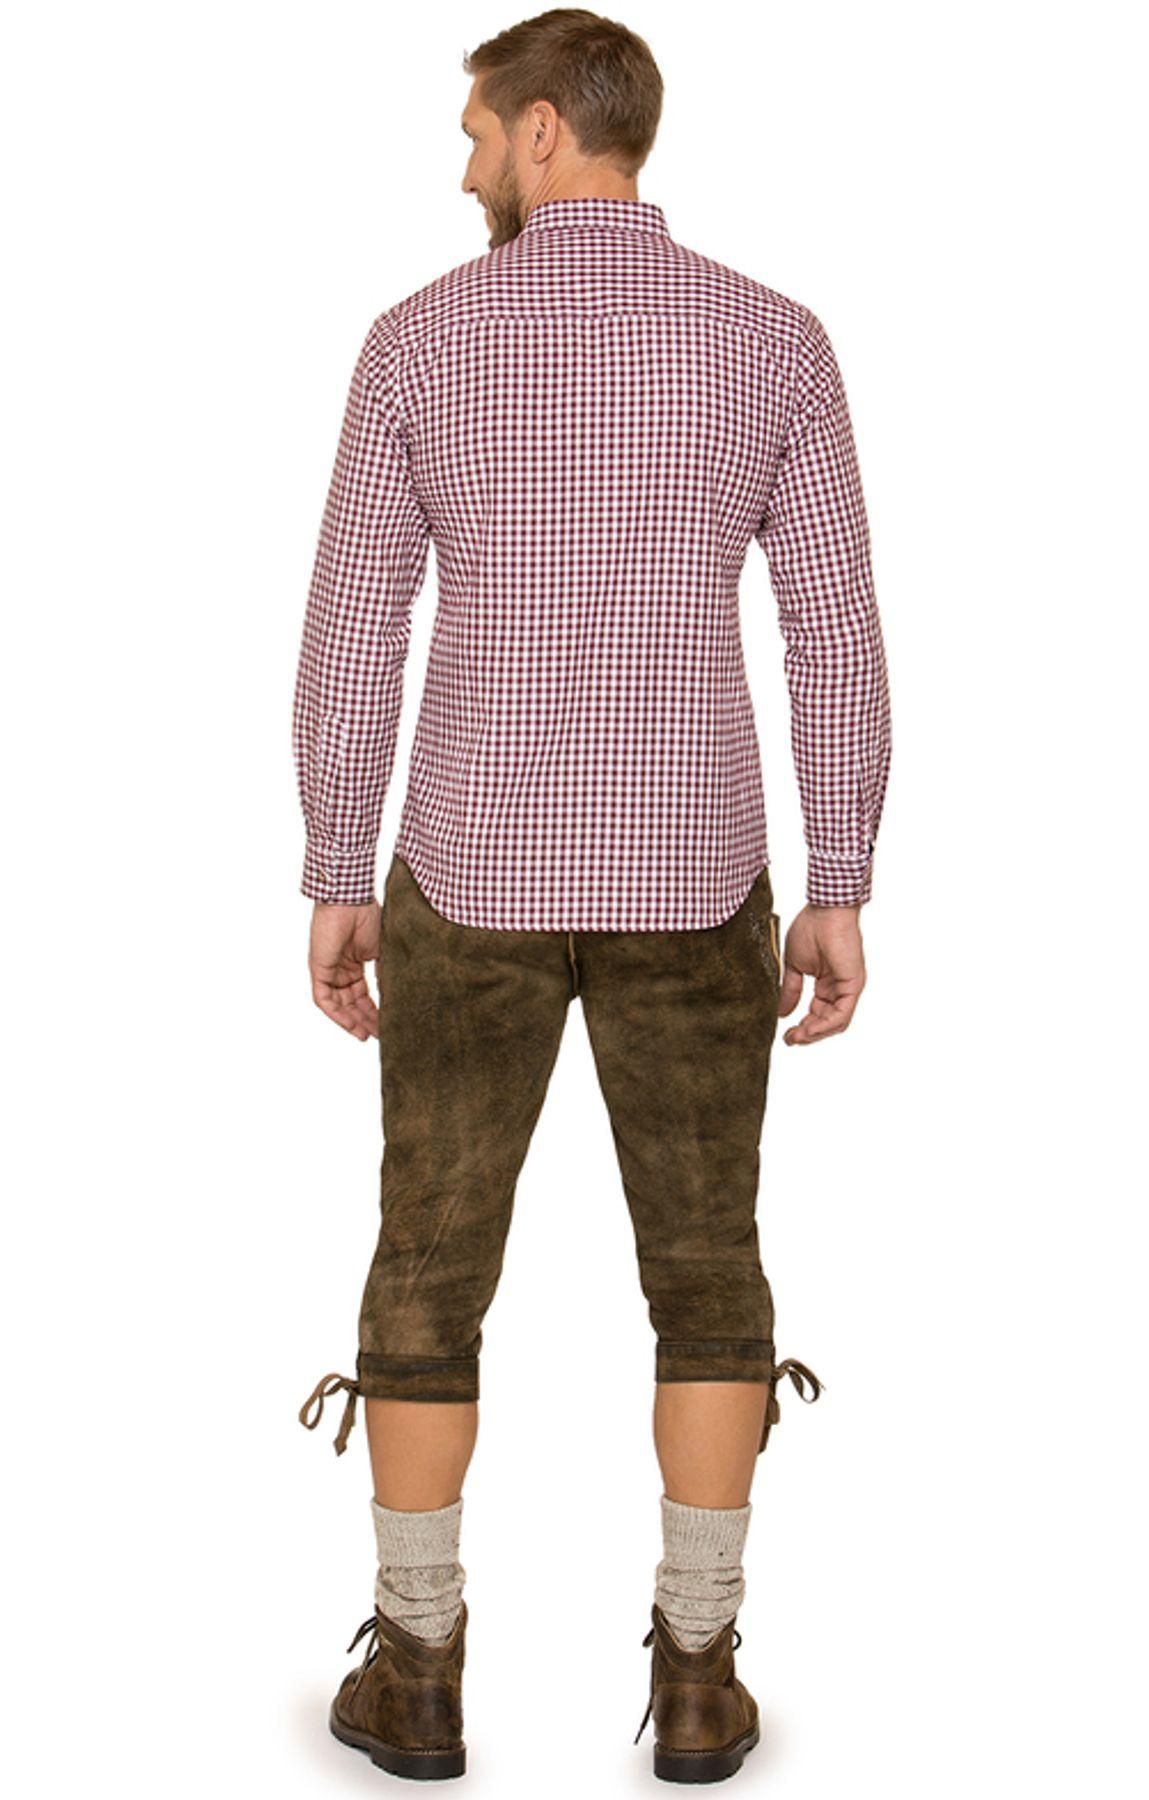 Stockerpoint - Herren Trachtenhemd in verschiedenen Farben, Campos3 – Bild 10